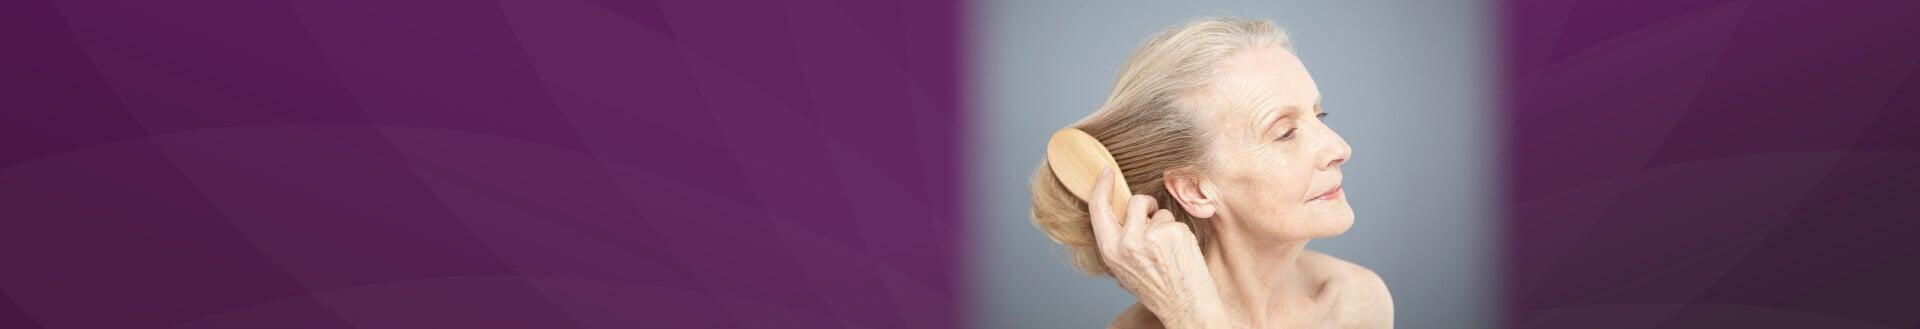 Haarausfall und Wechseljahre